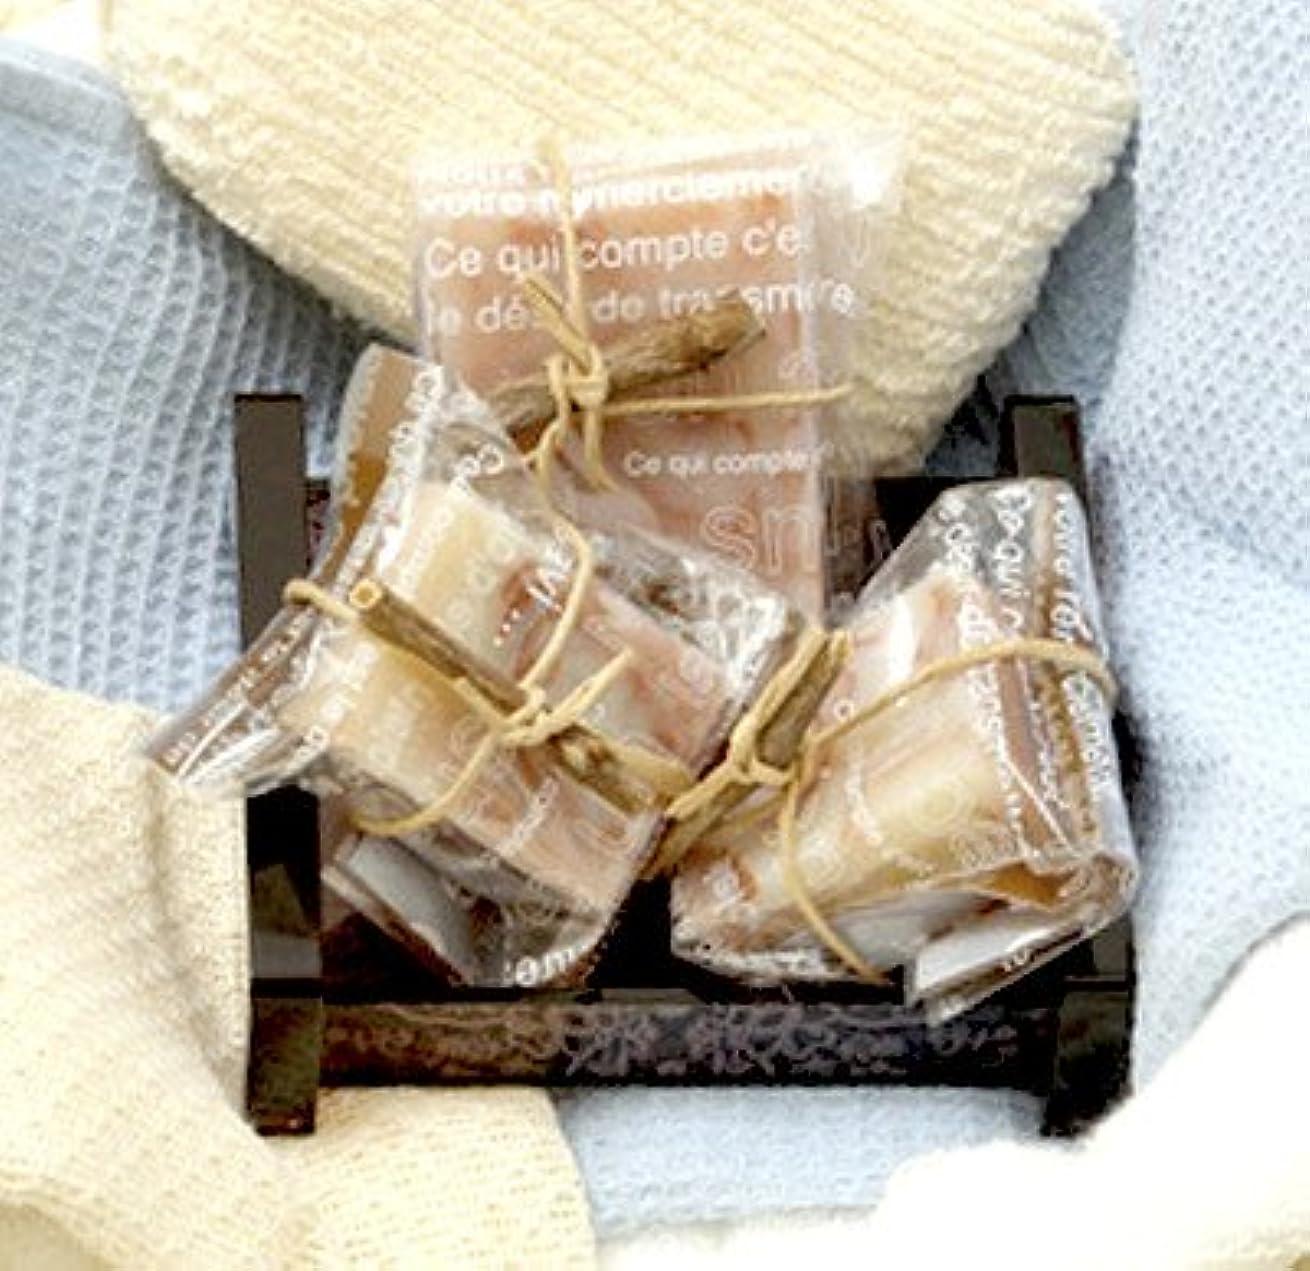 百年大脳ラダ能登ワインを配合した皮膚科医監修の無添加で肌にやさしい「純石けん」能登ワイン石けん〔80g×1、40g×2〕